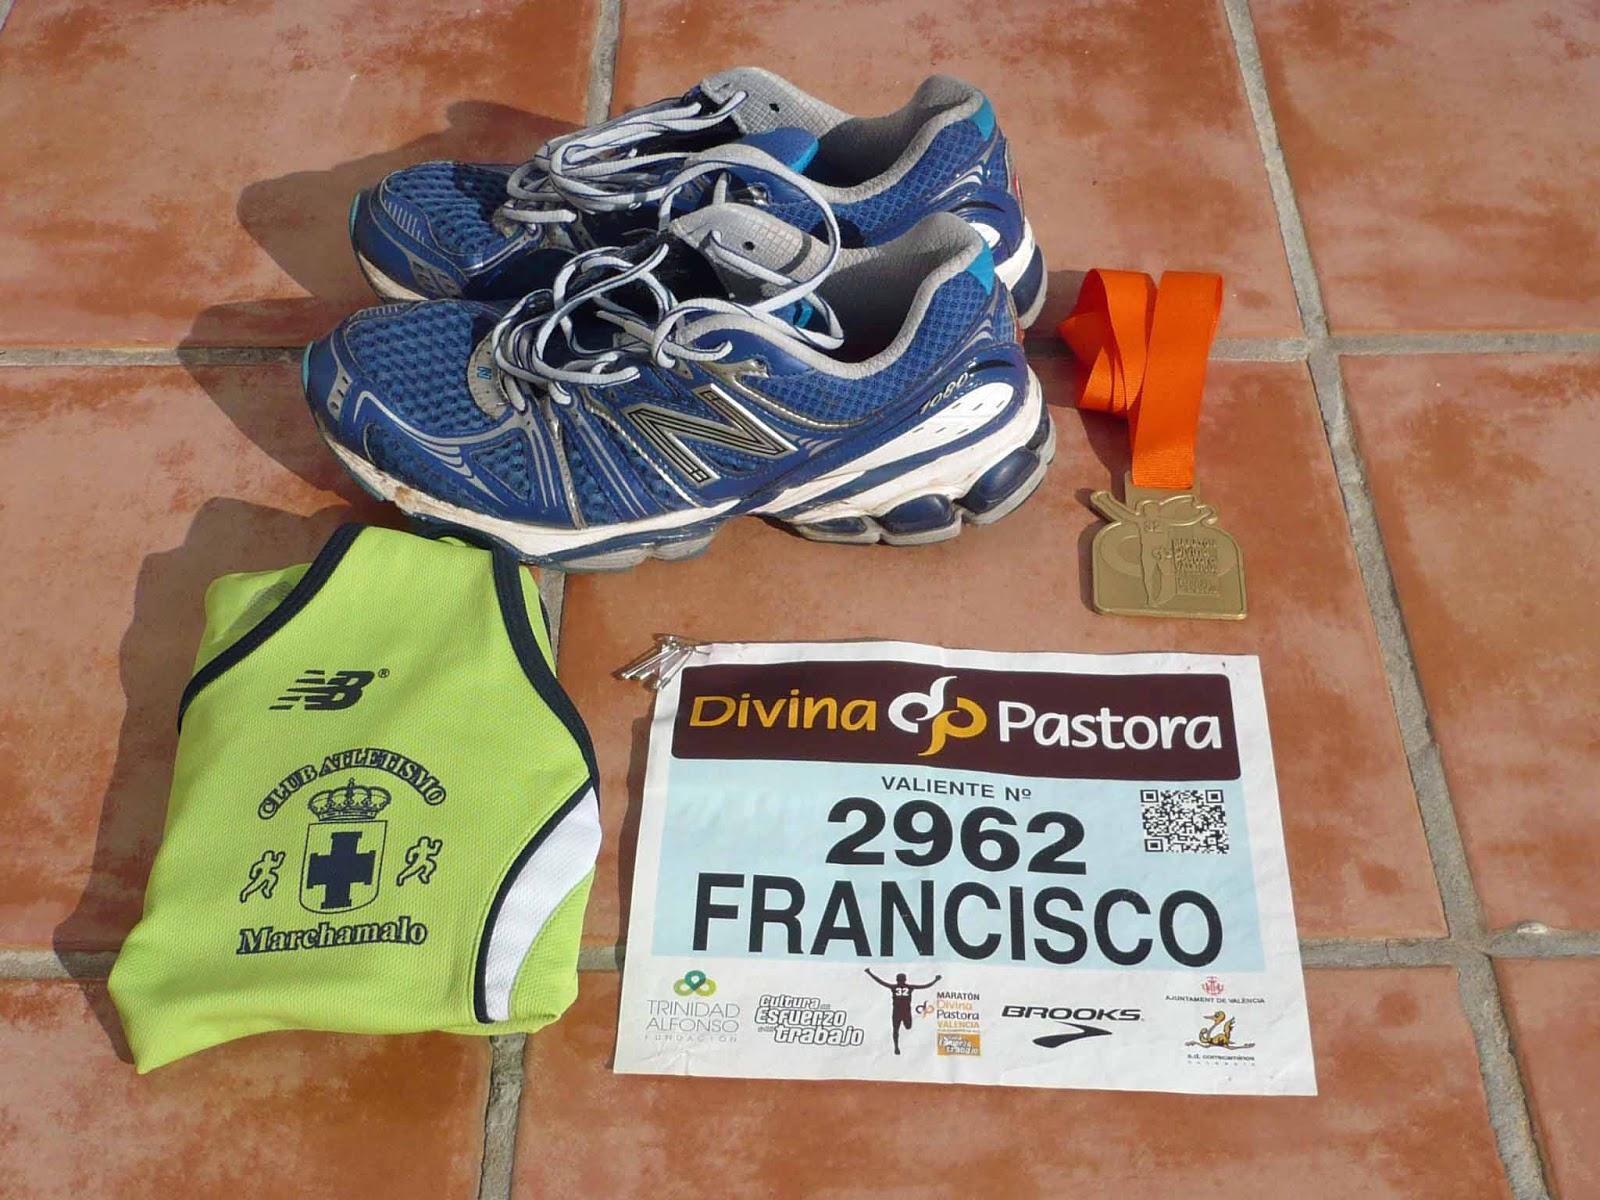 Club Atletismo Los Gallardos: MARATÓN DE VALENCIA 3:10:42 NETO ...